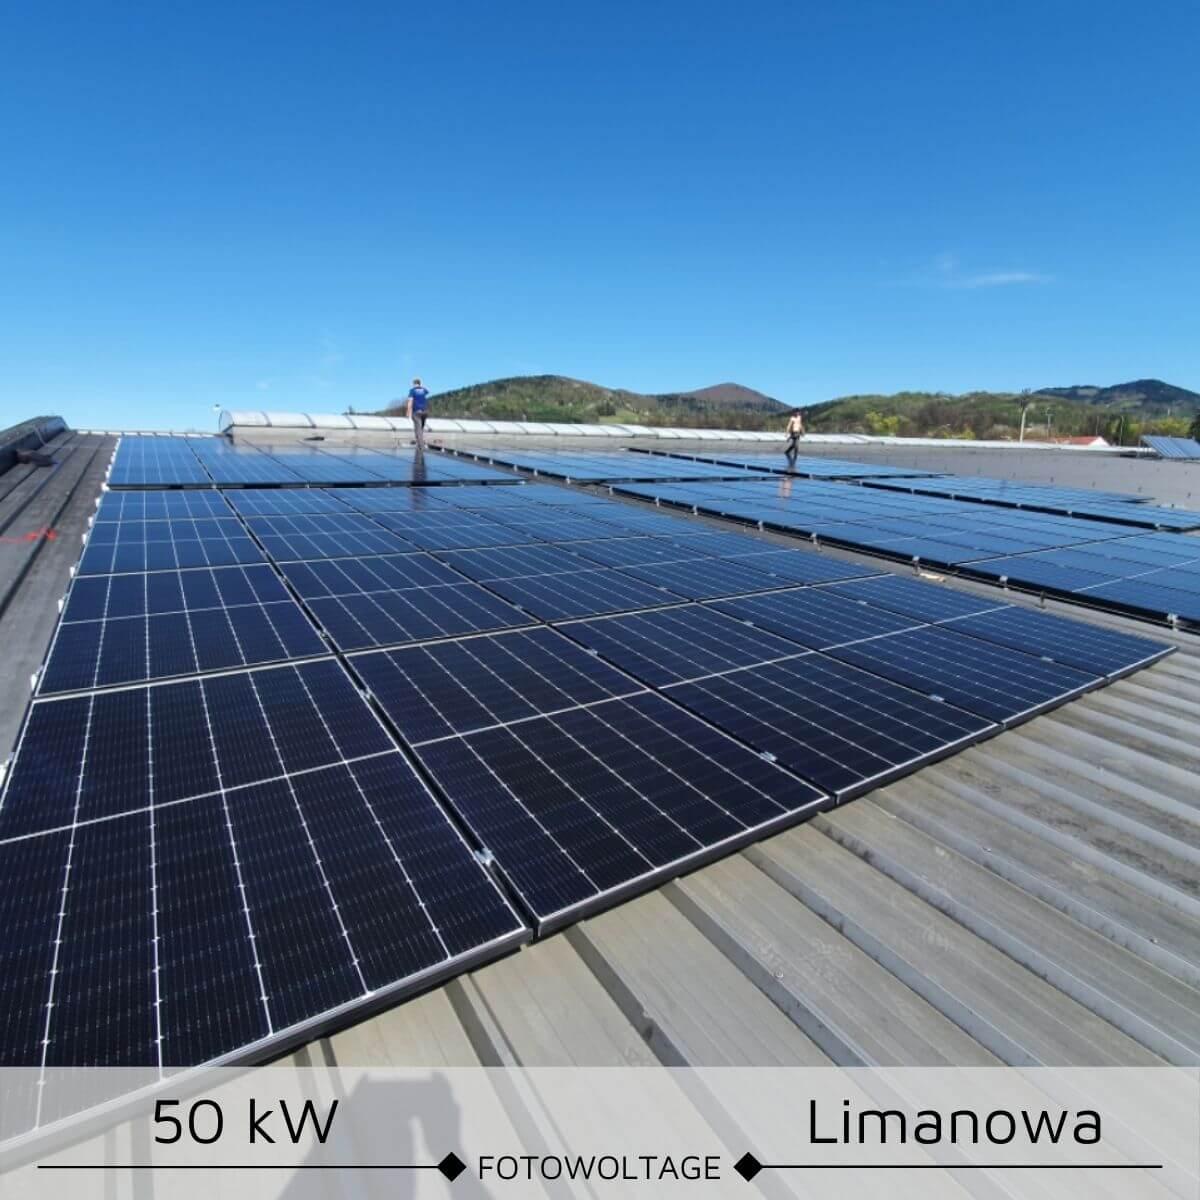 Instalacja fotowoltaiczana o mocy 50 kW